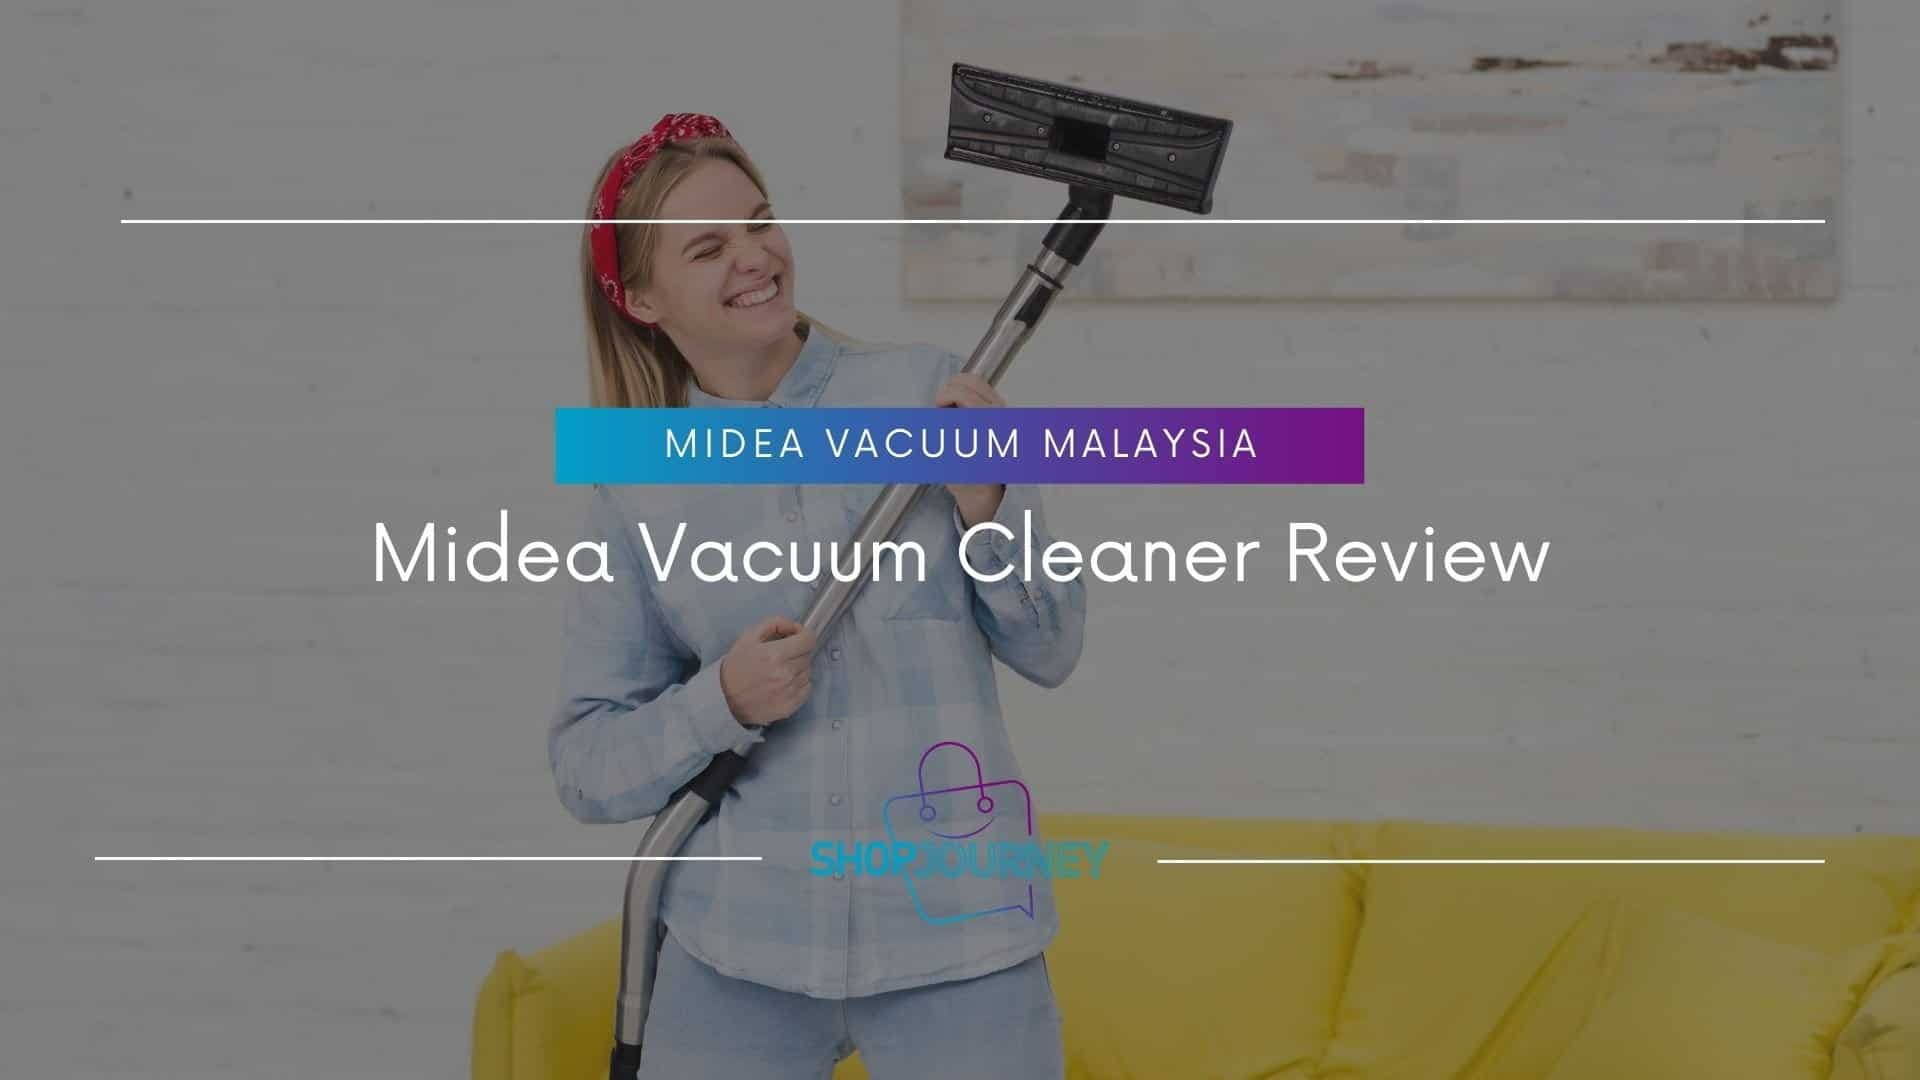 Midea Vacuum Cleaner Review - Shop Journey